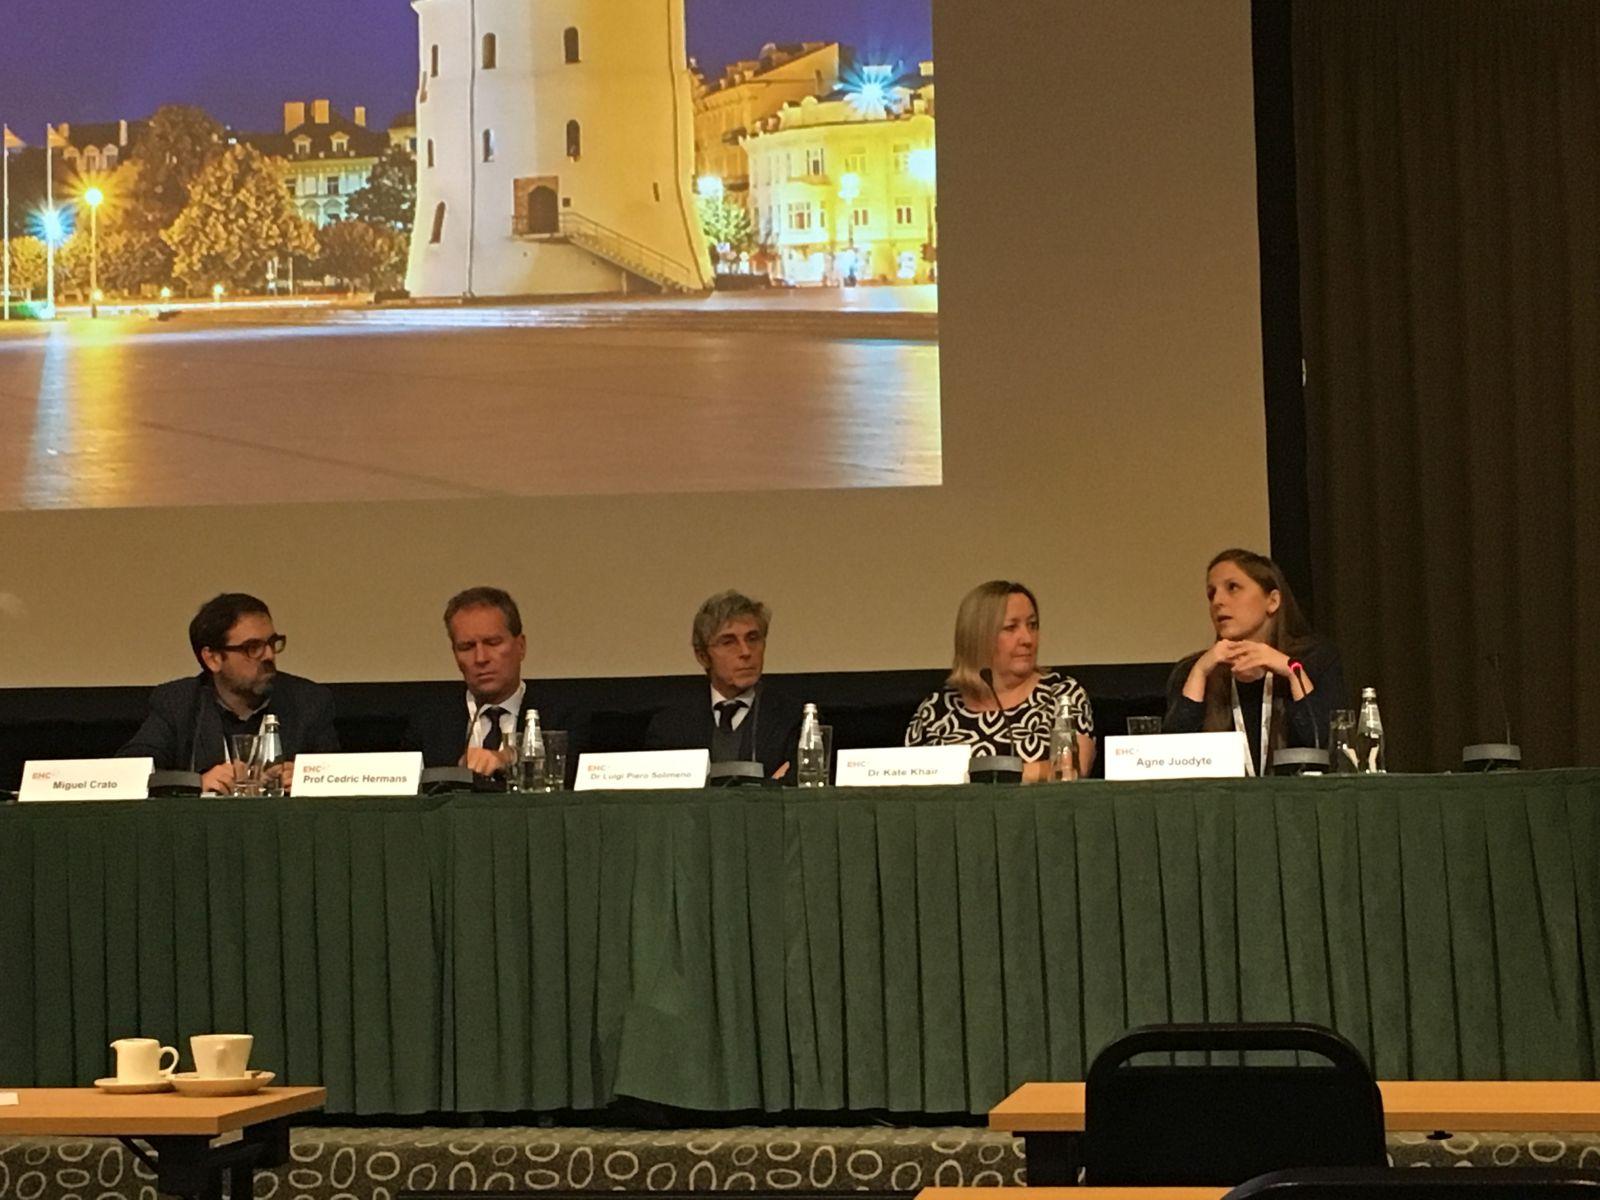 Vilnius pasirinktas kaip turintis aktyvią sergančiųjų hemofilija bendruomenę ir pažangų gydymą